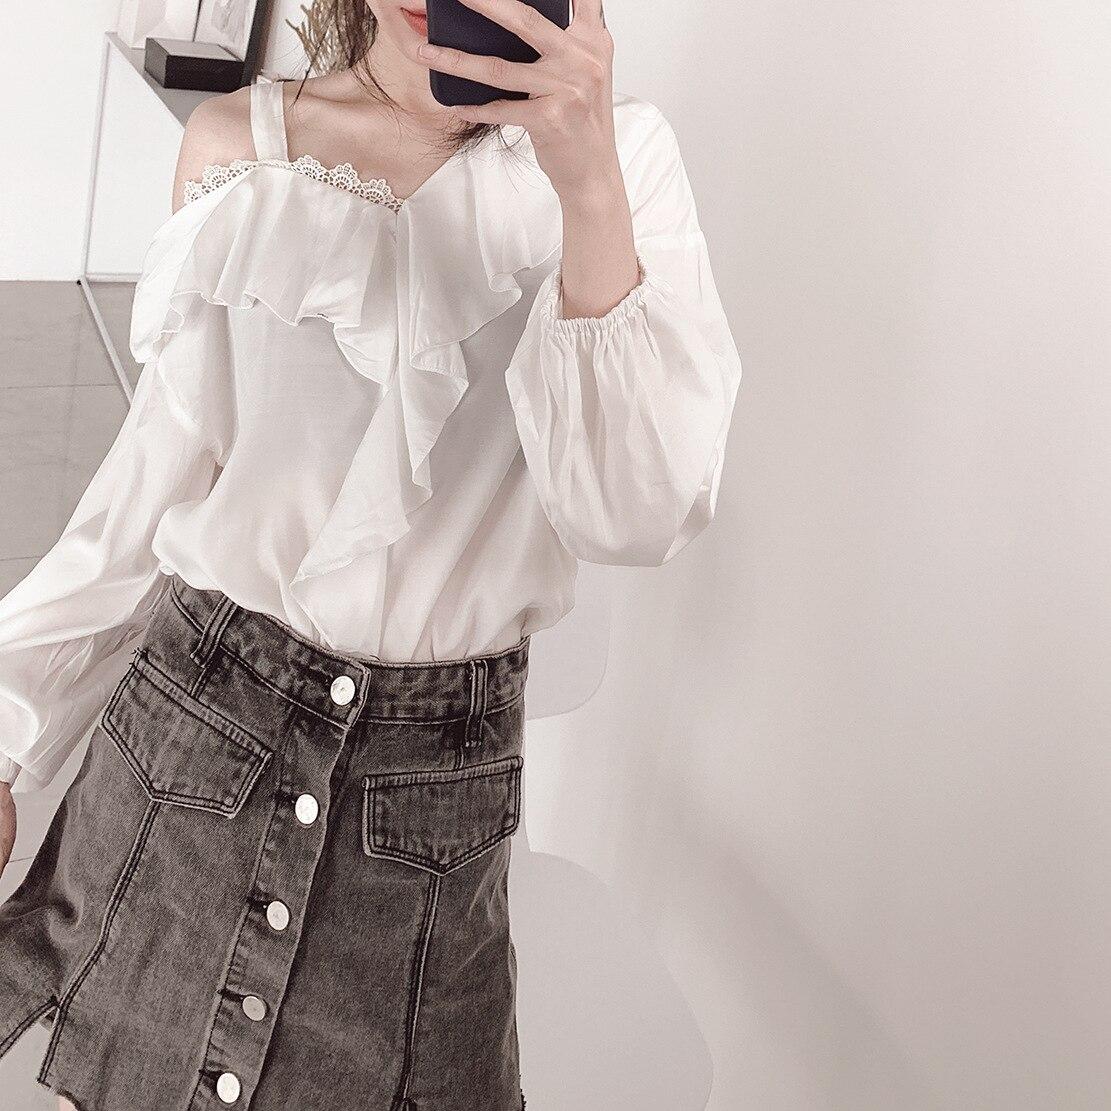 Automne coton mélangé blanc volants hors épaule hauts femmes Blouses mode coréenne grande taille lanterne à manches longues dentelle chemise